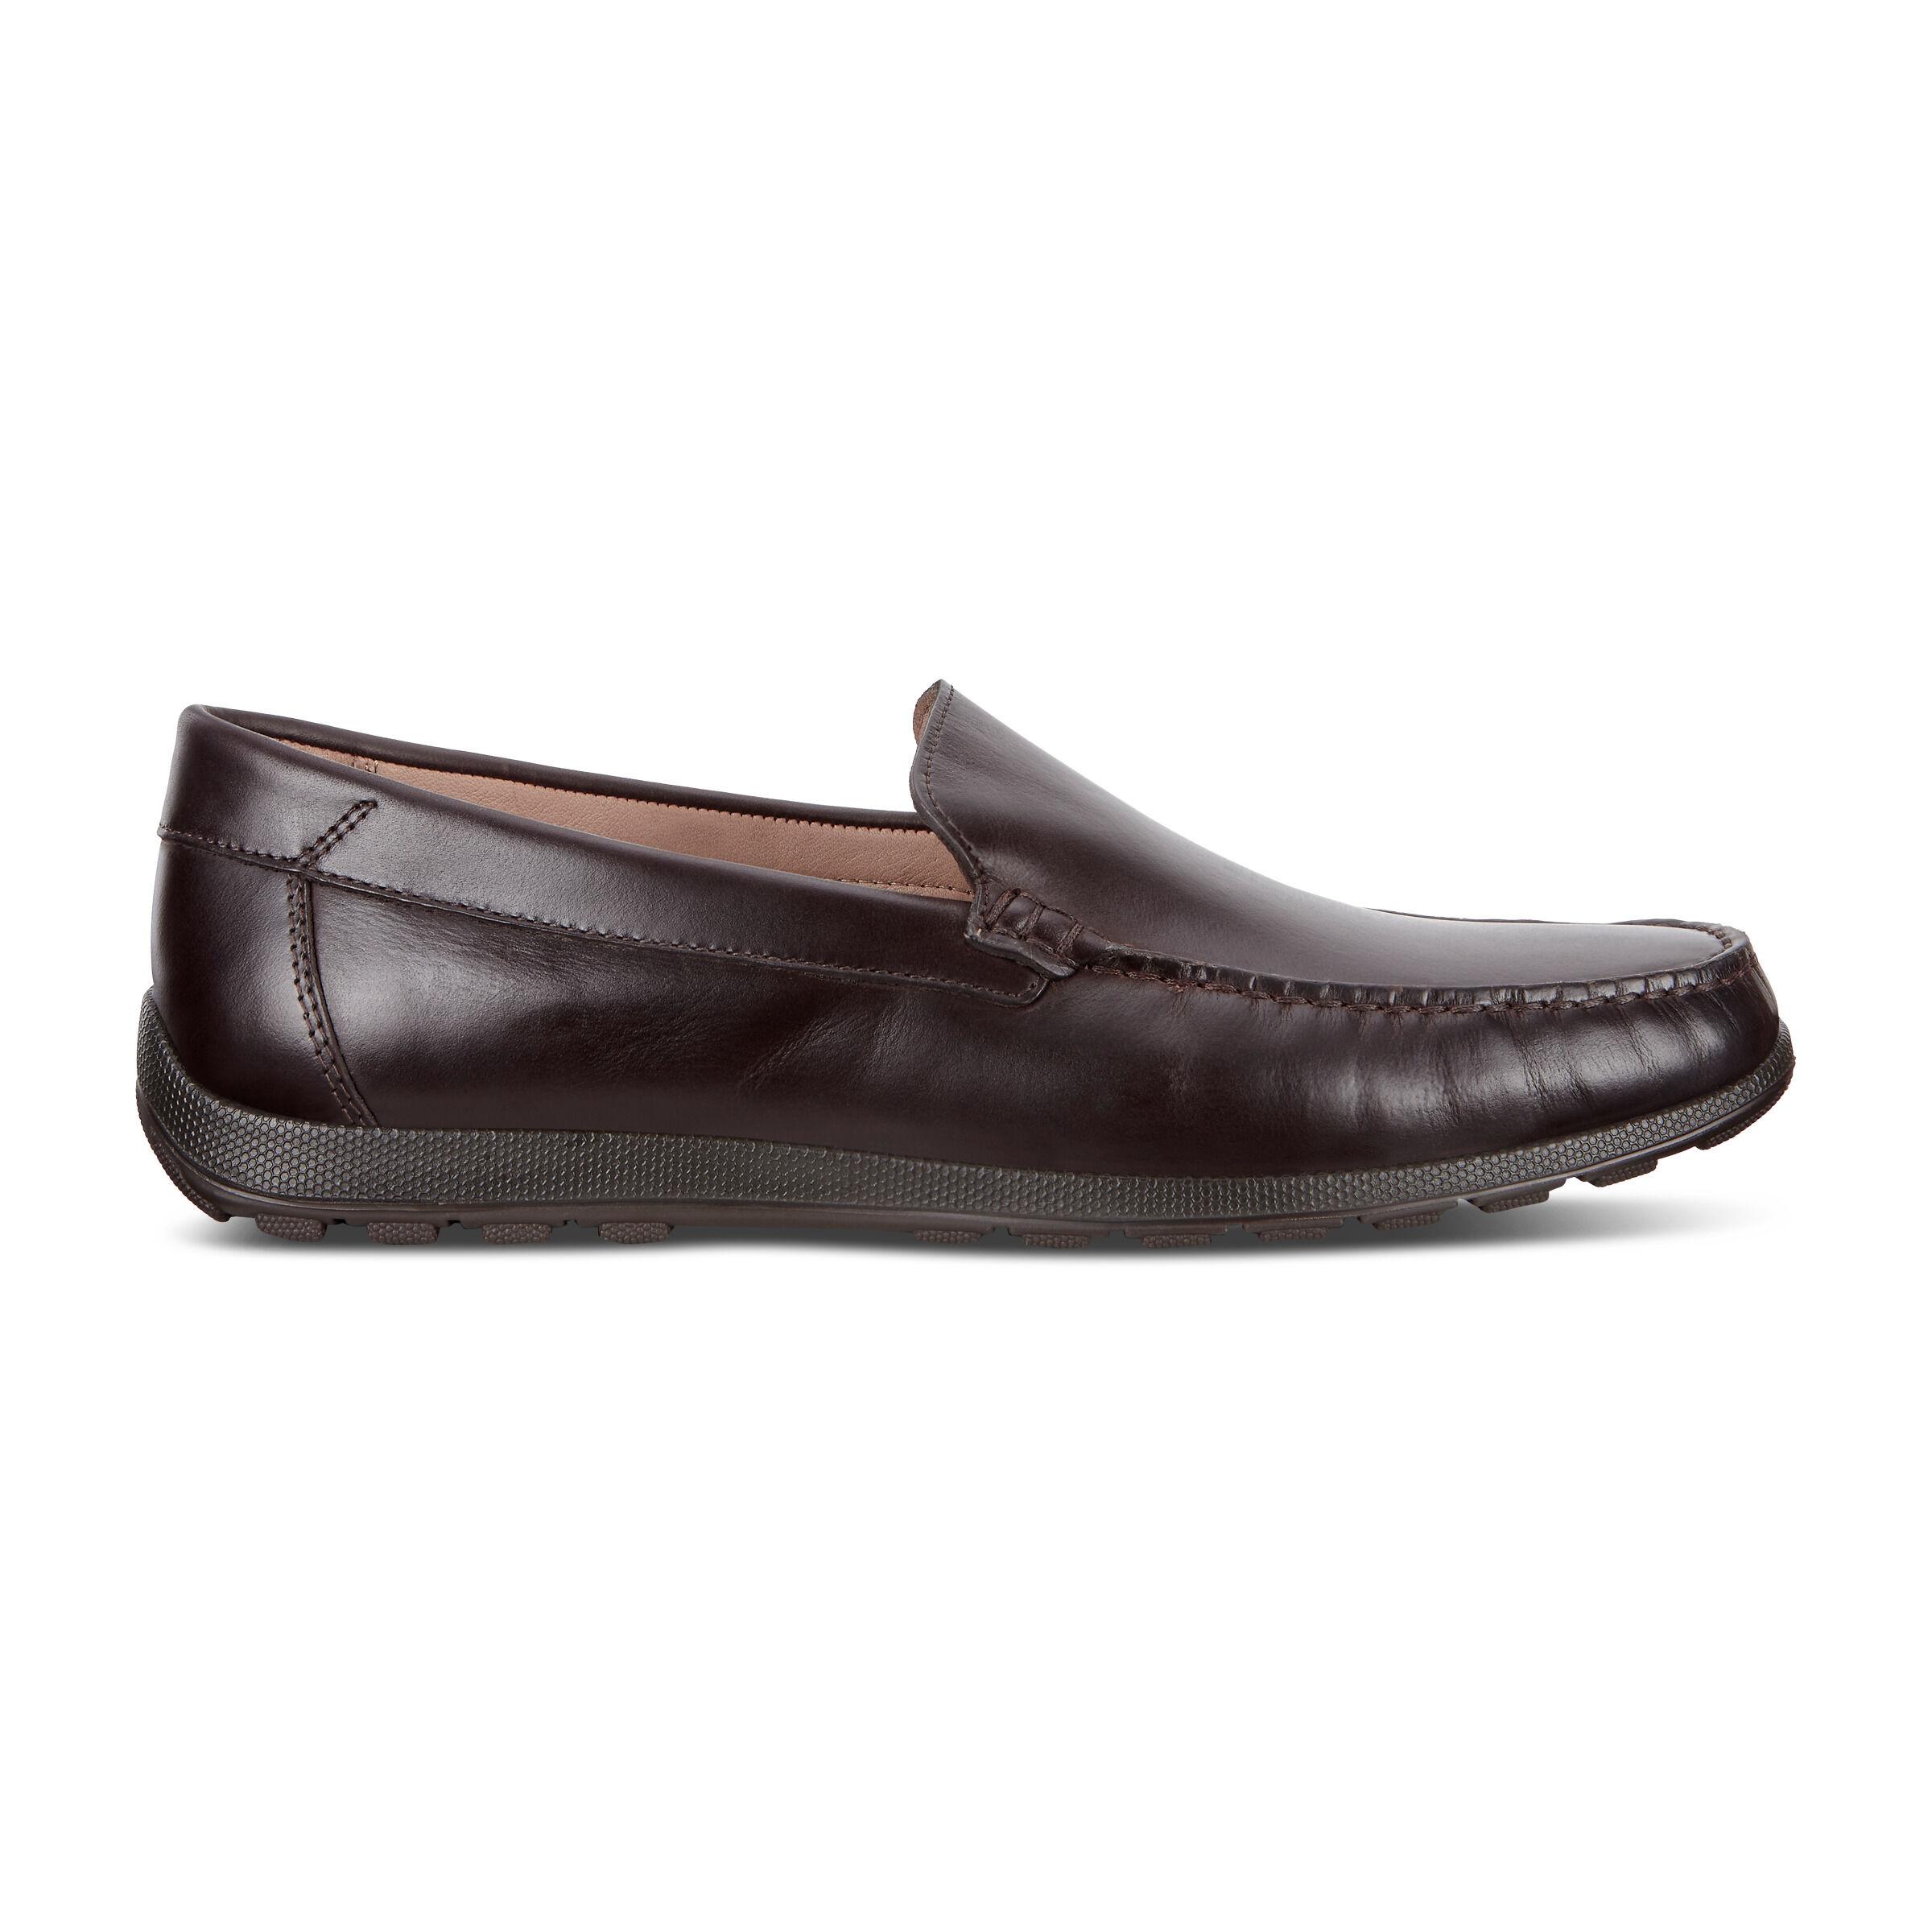 Men's Moccasins | ECCO® Shoes